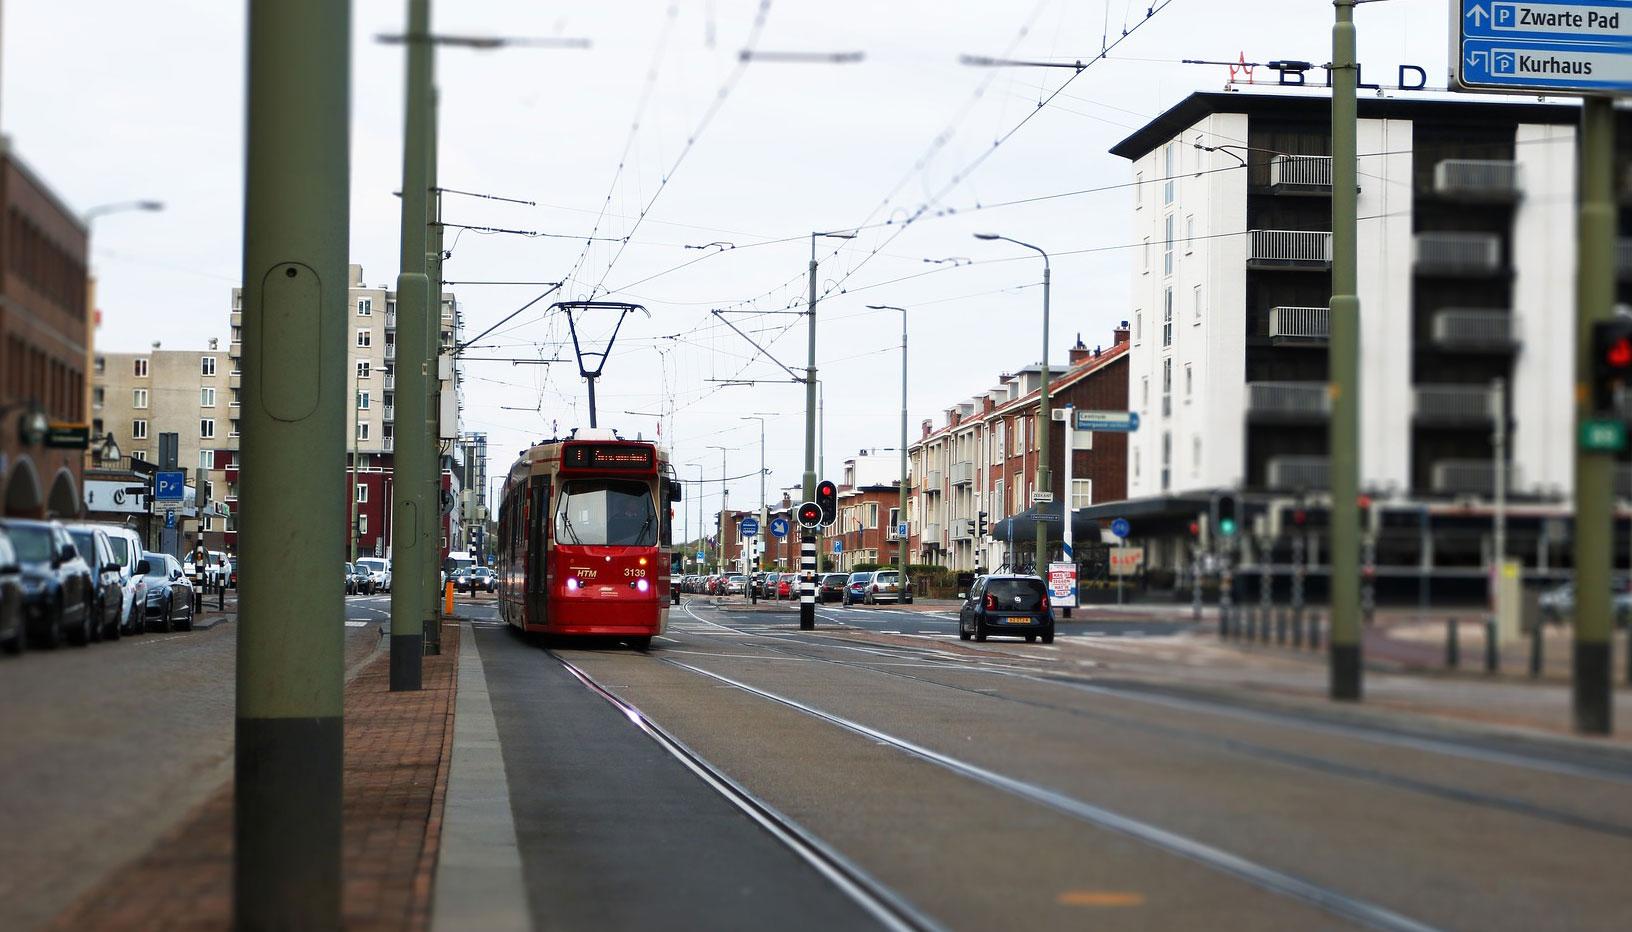 Openbaar vervoer solimas